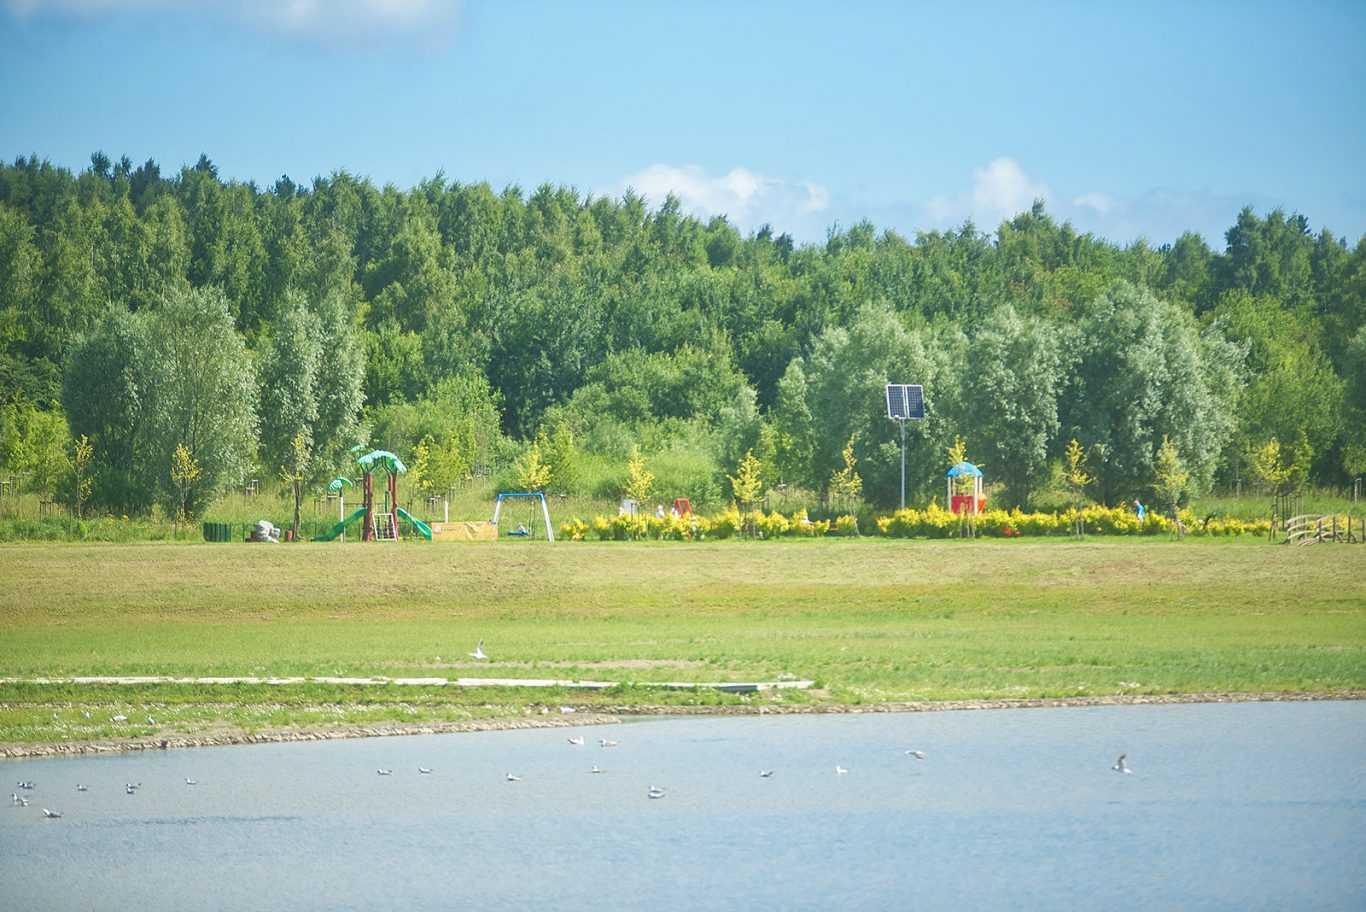 gdansk poludnie okolica 5